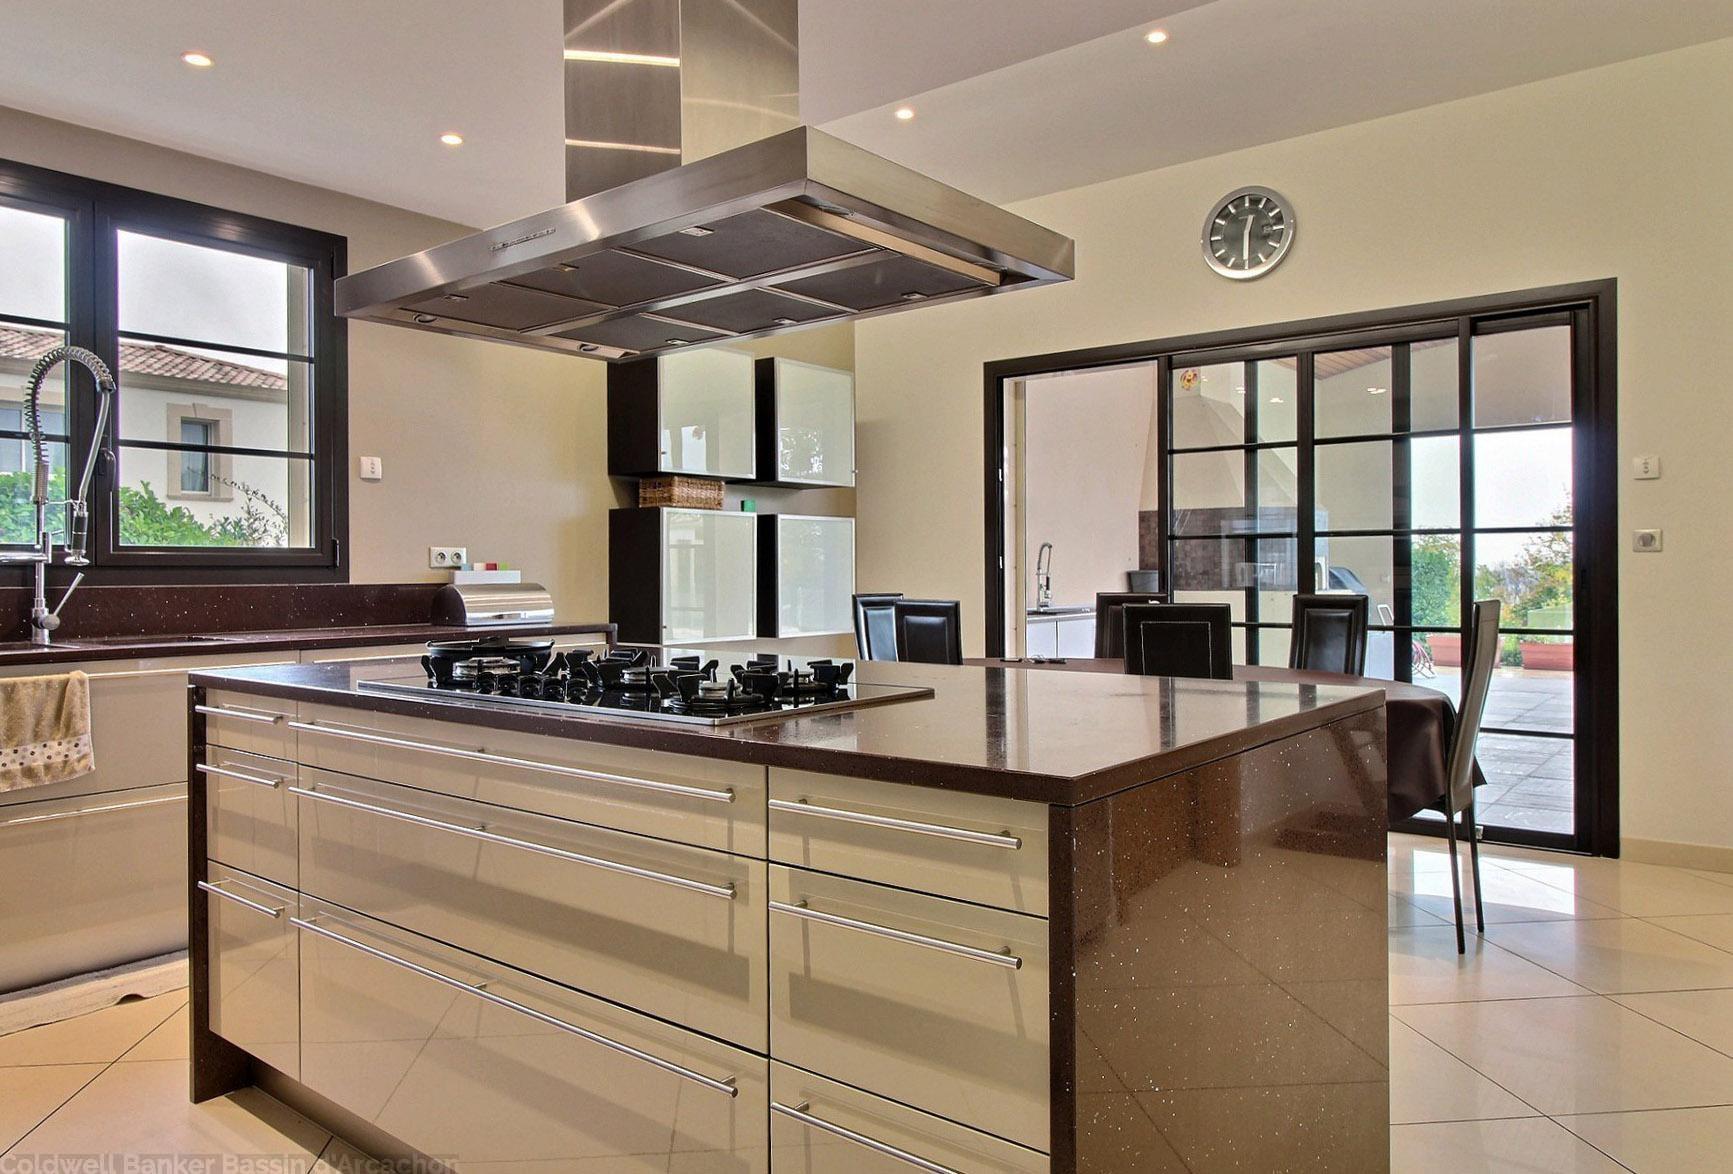 Villa haut de gamme 6 chambres avec piscine a vendre dordogne proche perigueux trélissac